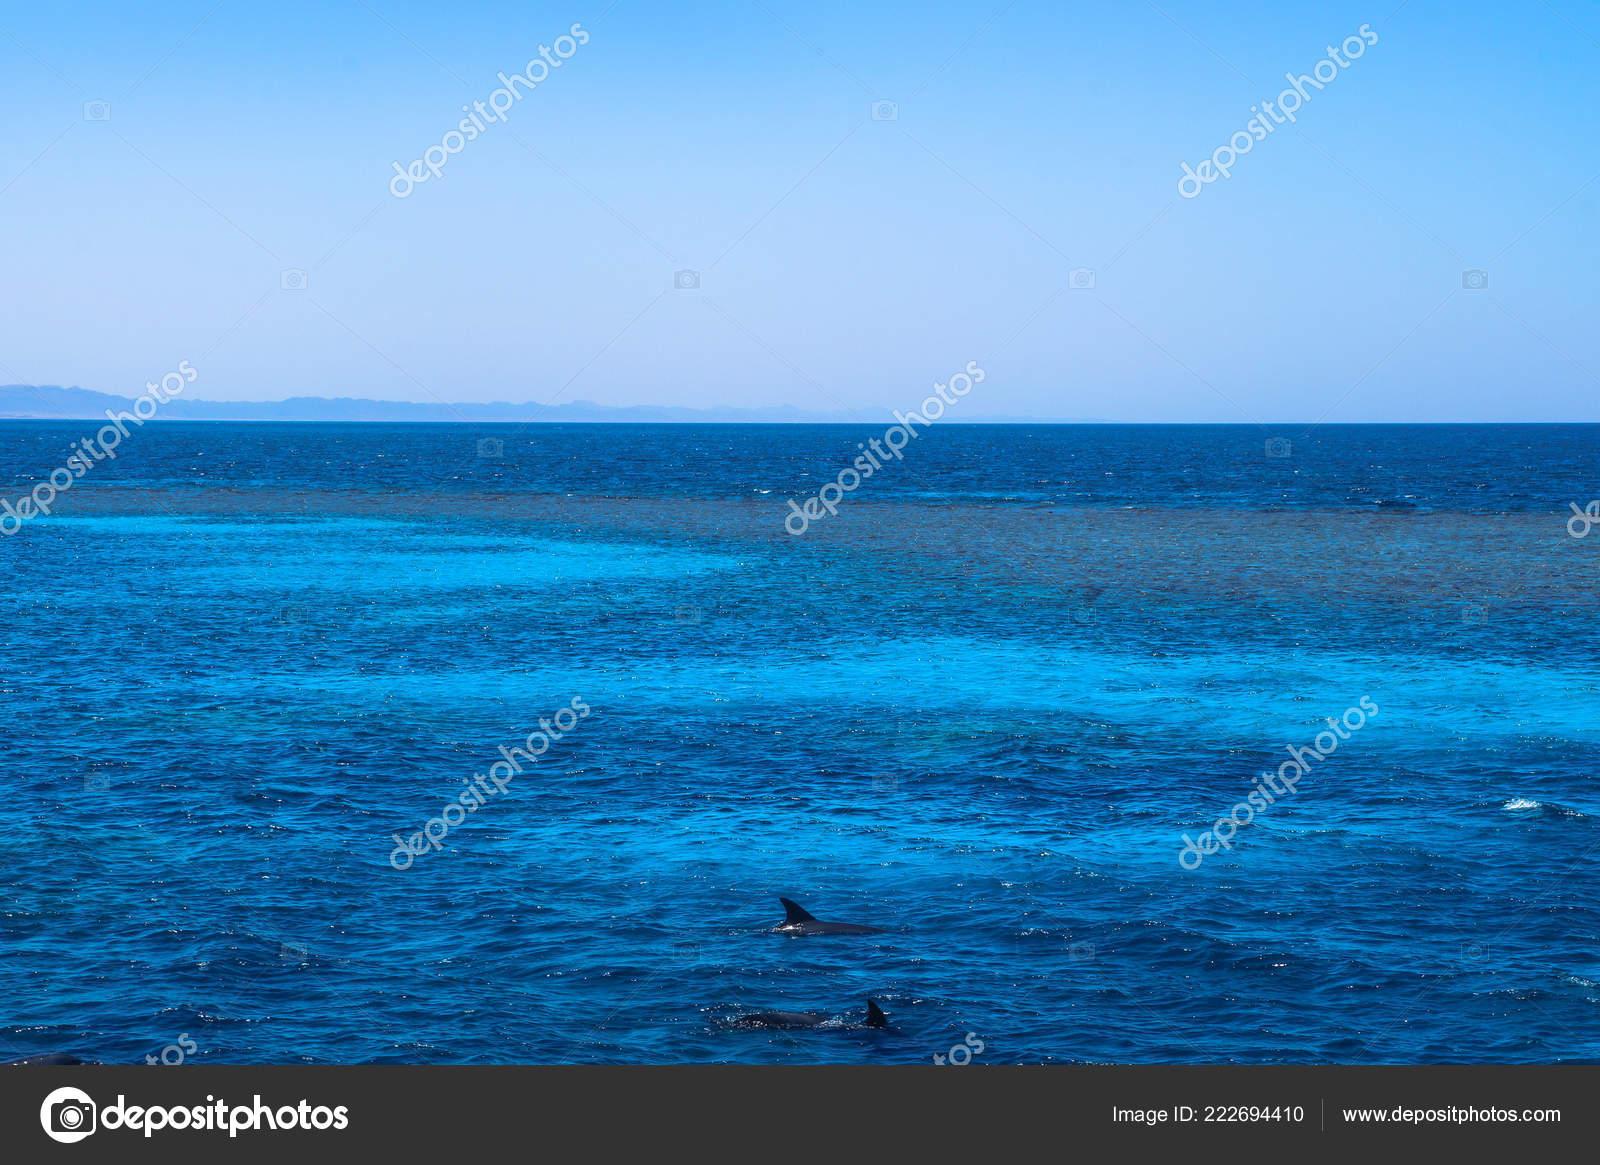 Kleurplaten Van Dolfijnen.Kleurplaten Van Dolfijnen Tegen Achtergrond Van Rode Mora Egypte